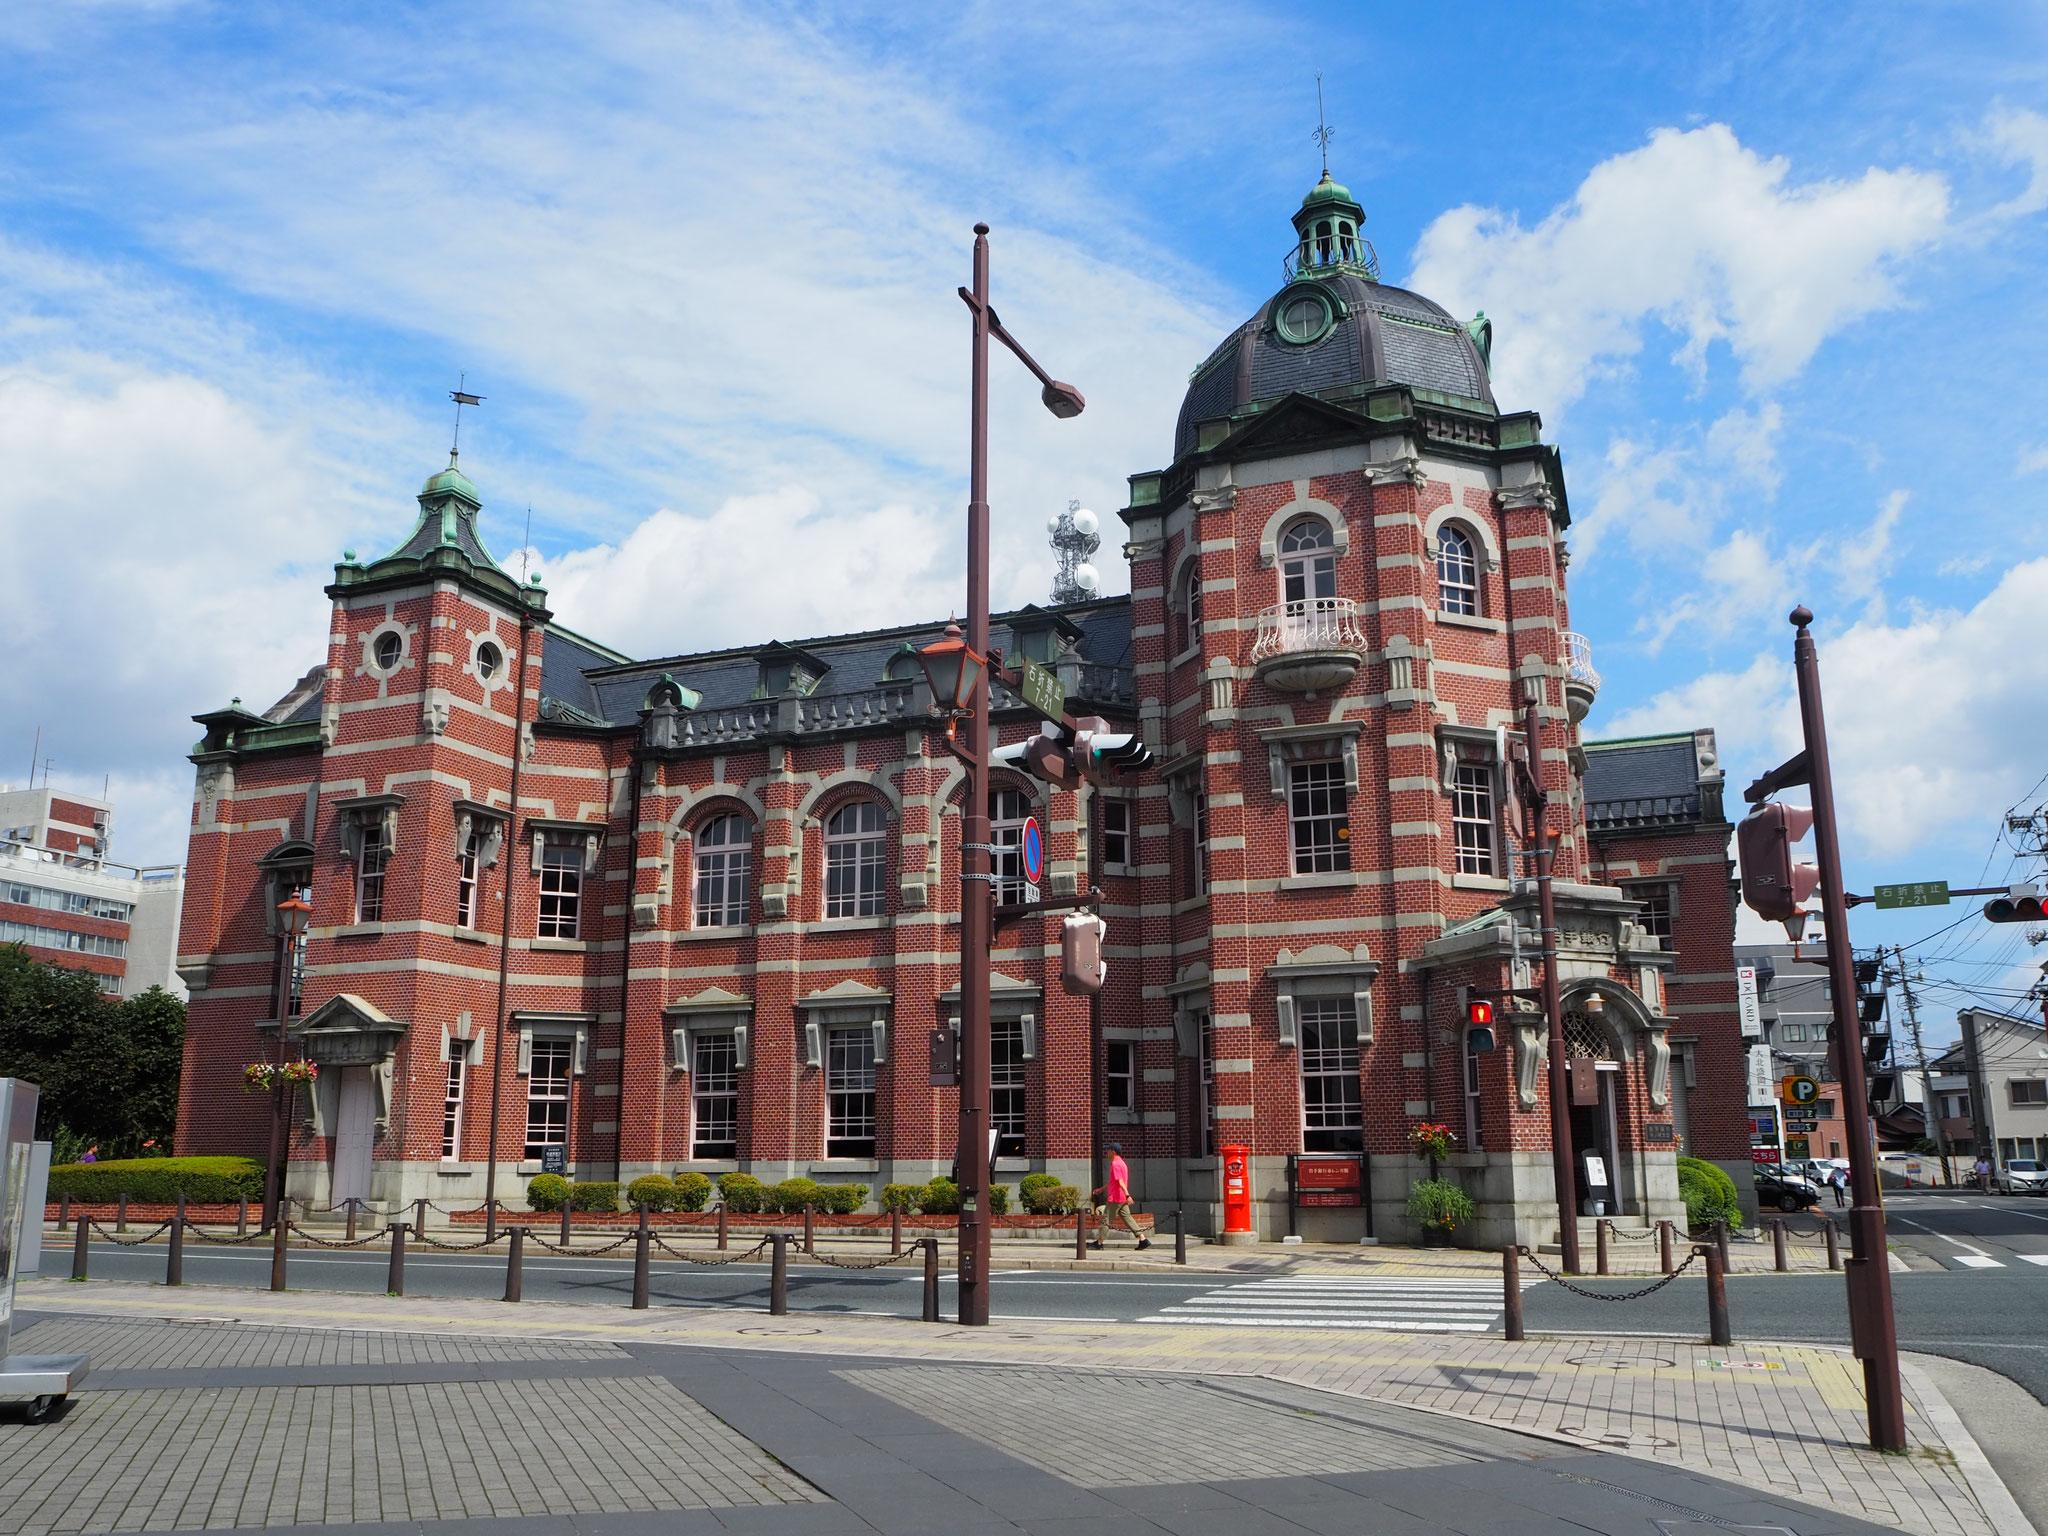 岩手銀行赤レンガ館。1911年に完成、2012年まで銀行として使われていた